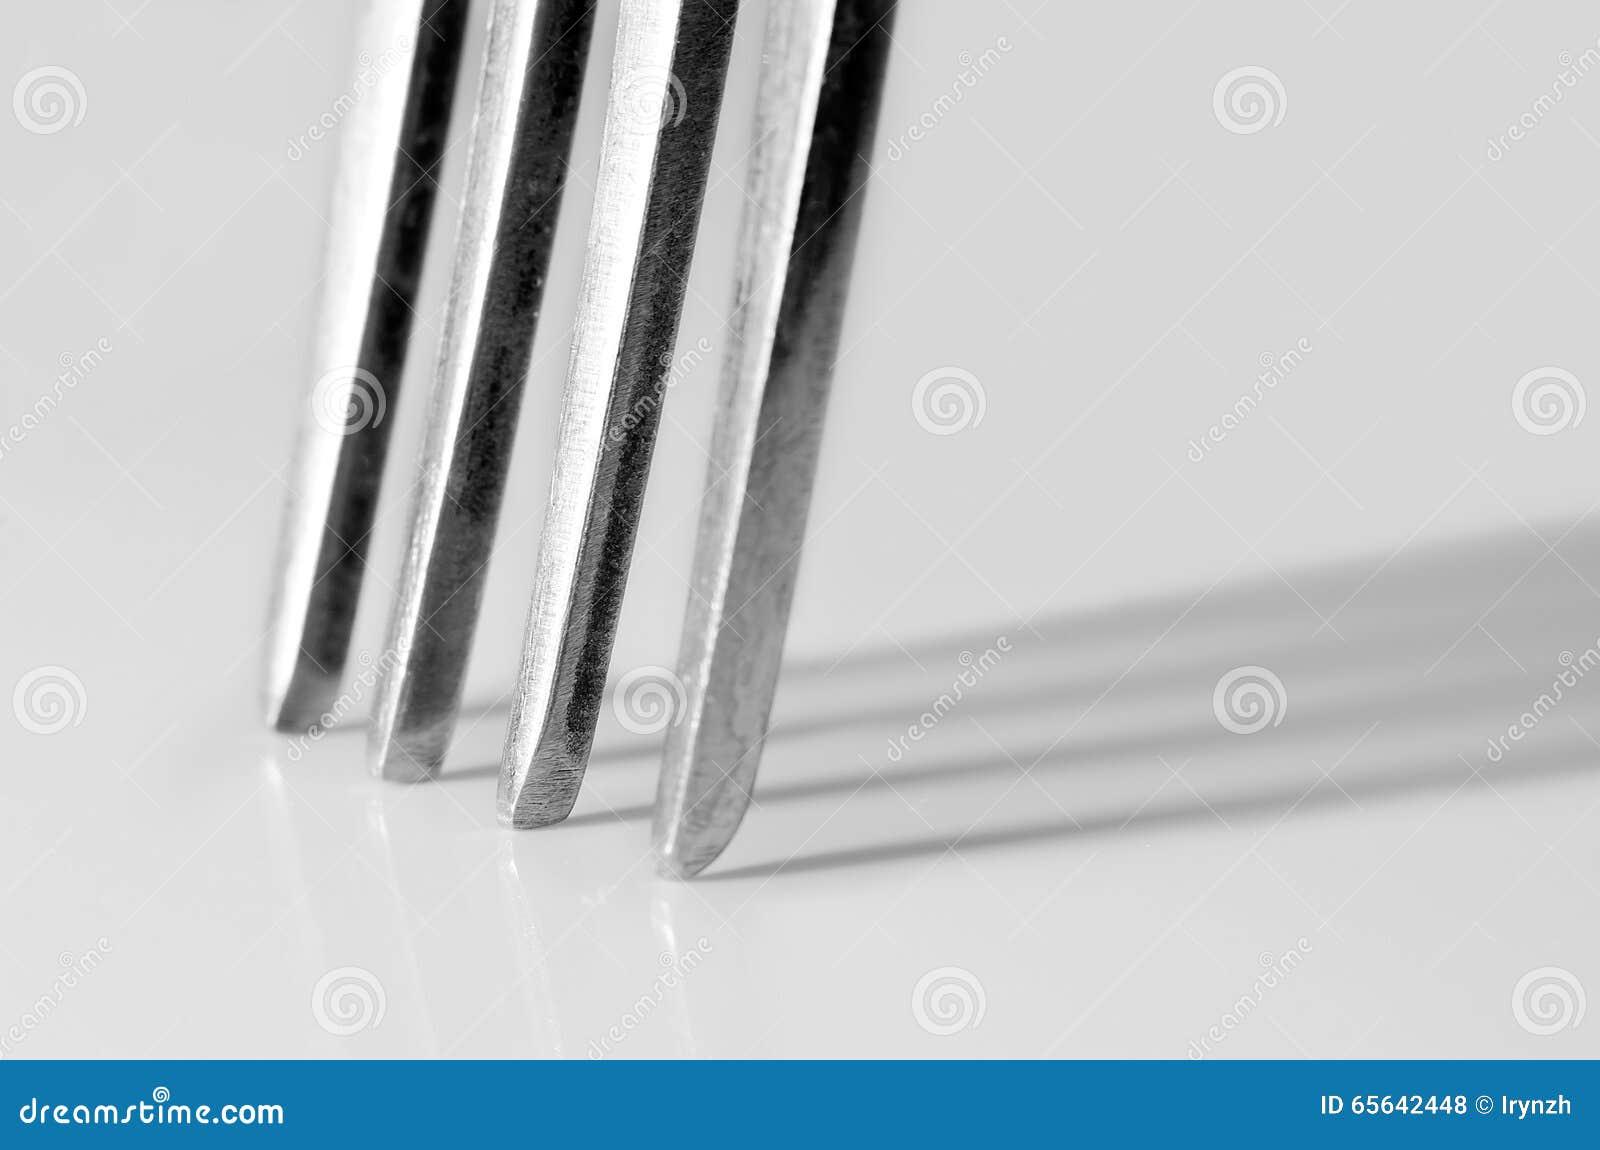 Macro tir des dents d une fourchette